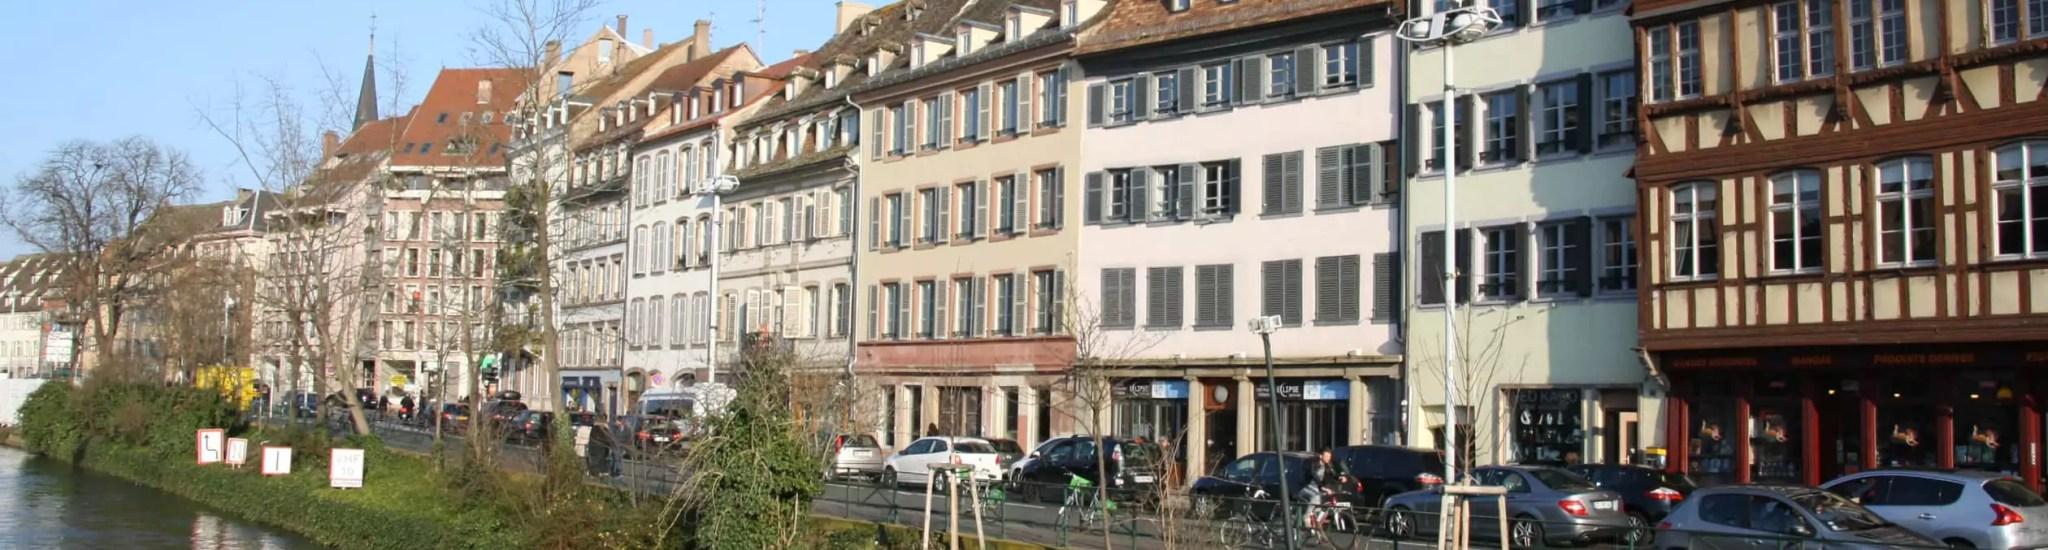 Pour le réaménagement des quais, Strasbourg espère éviter les râleurs grâce au numérique